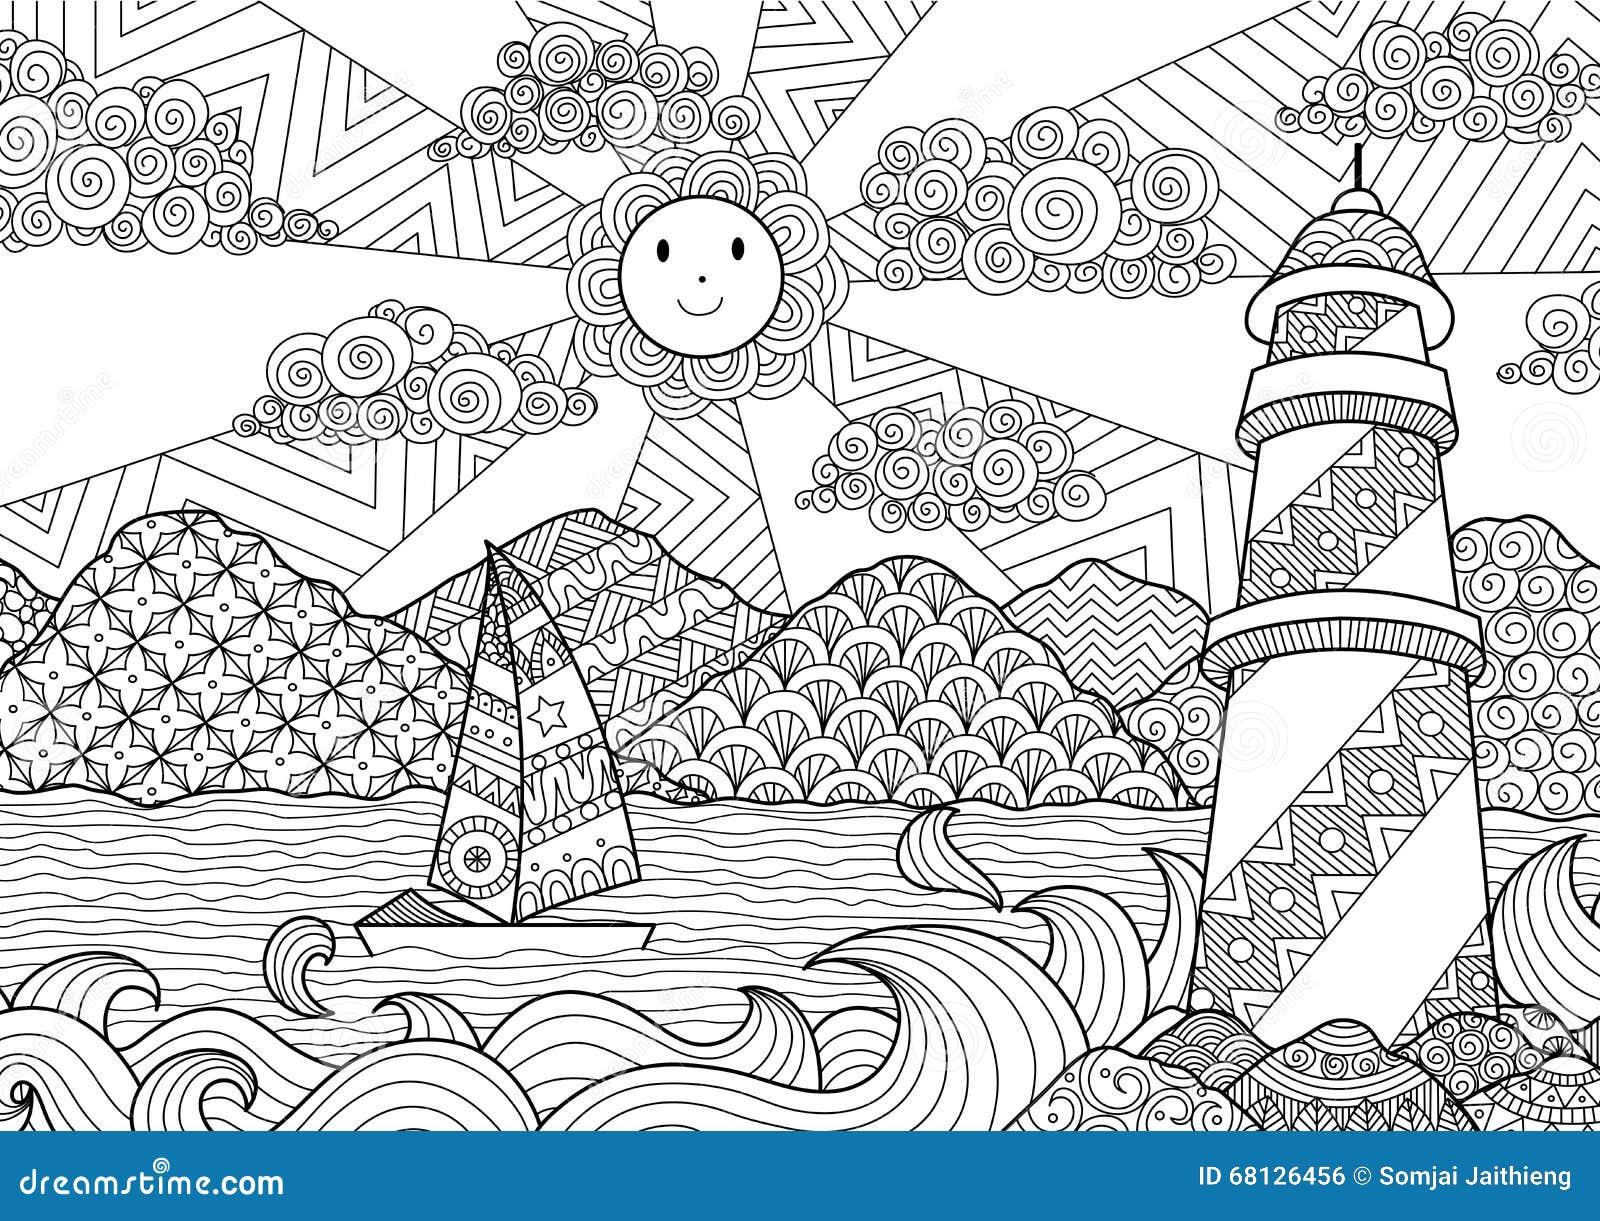 Linea progettazione per il libro da colorare per l adulto, anti coloritura di sforzo - azione di vista sul mare di arte